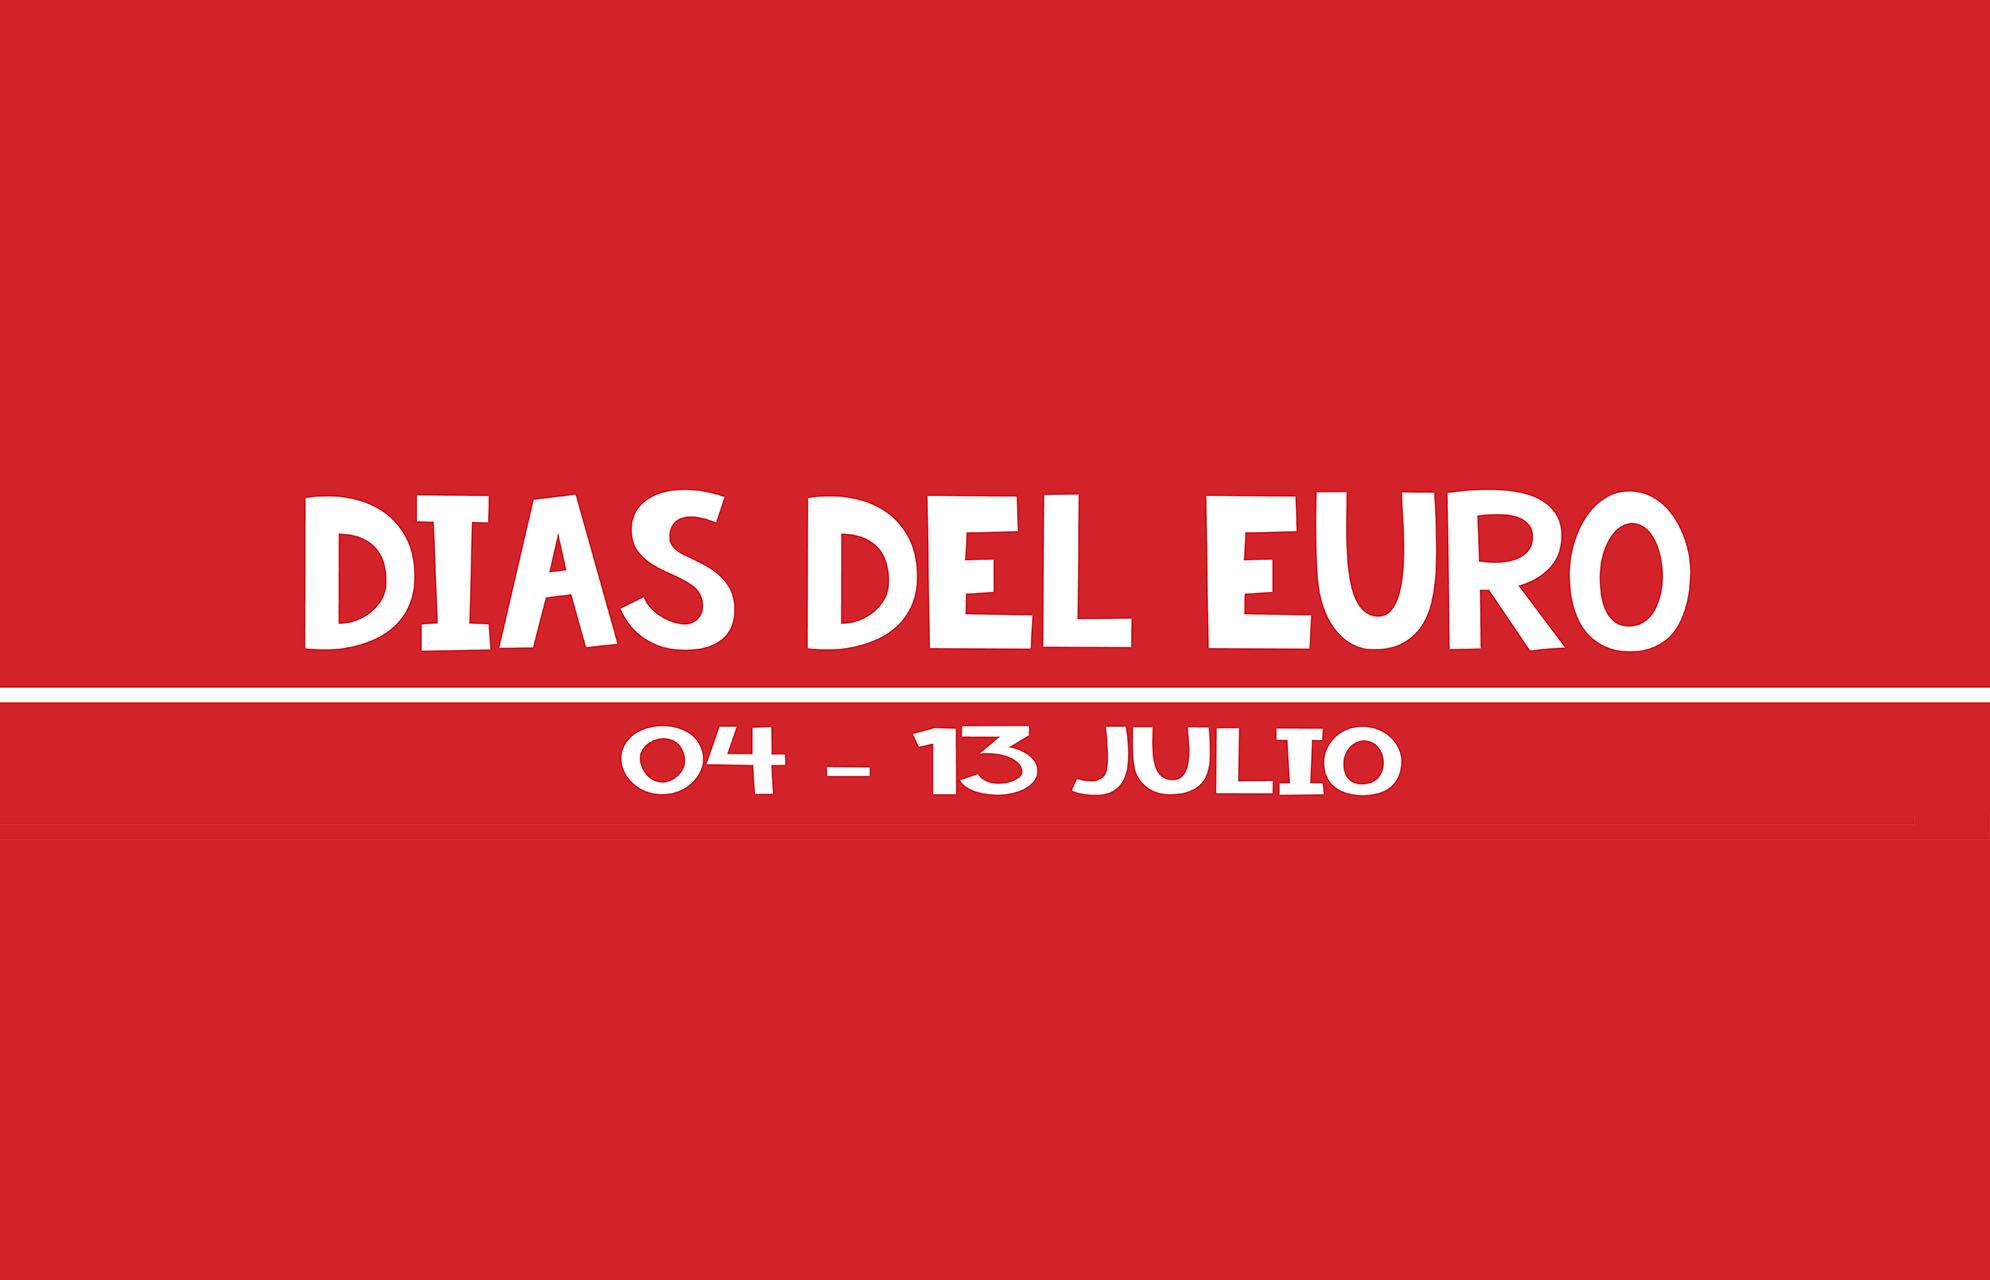 Dias del Euro | 04-13 Julio